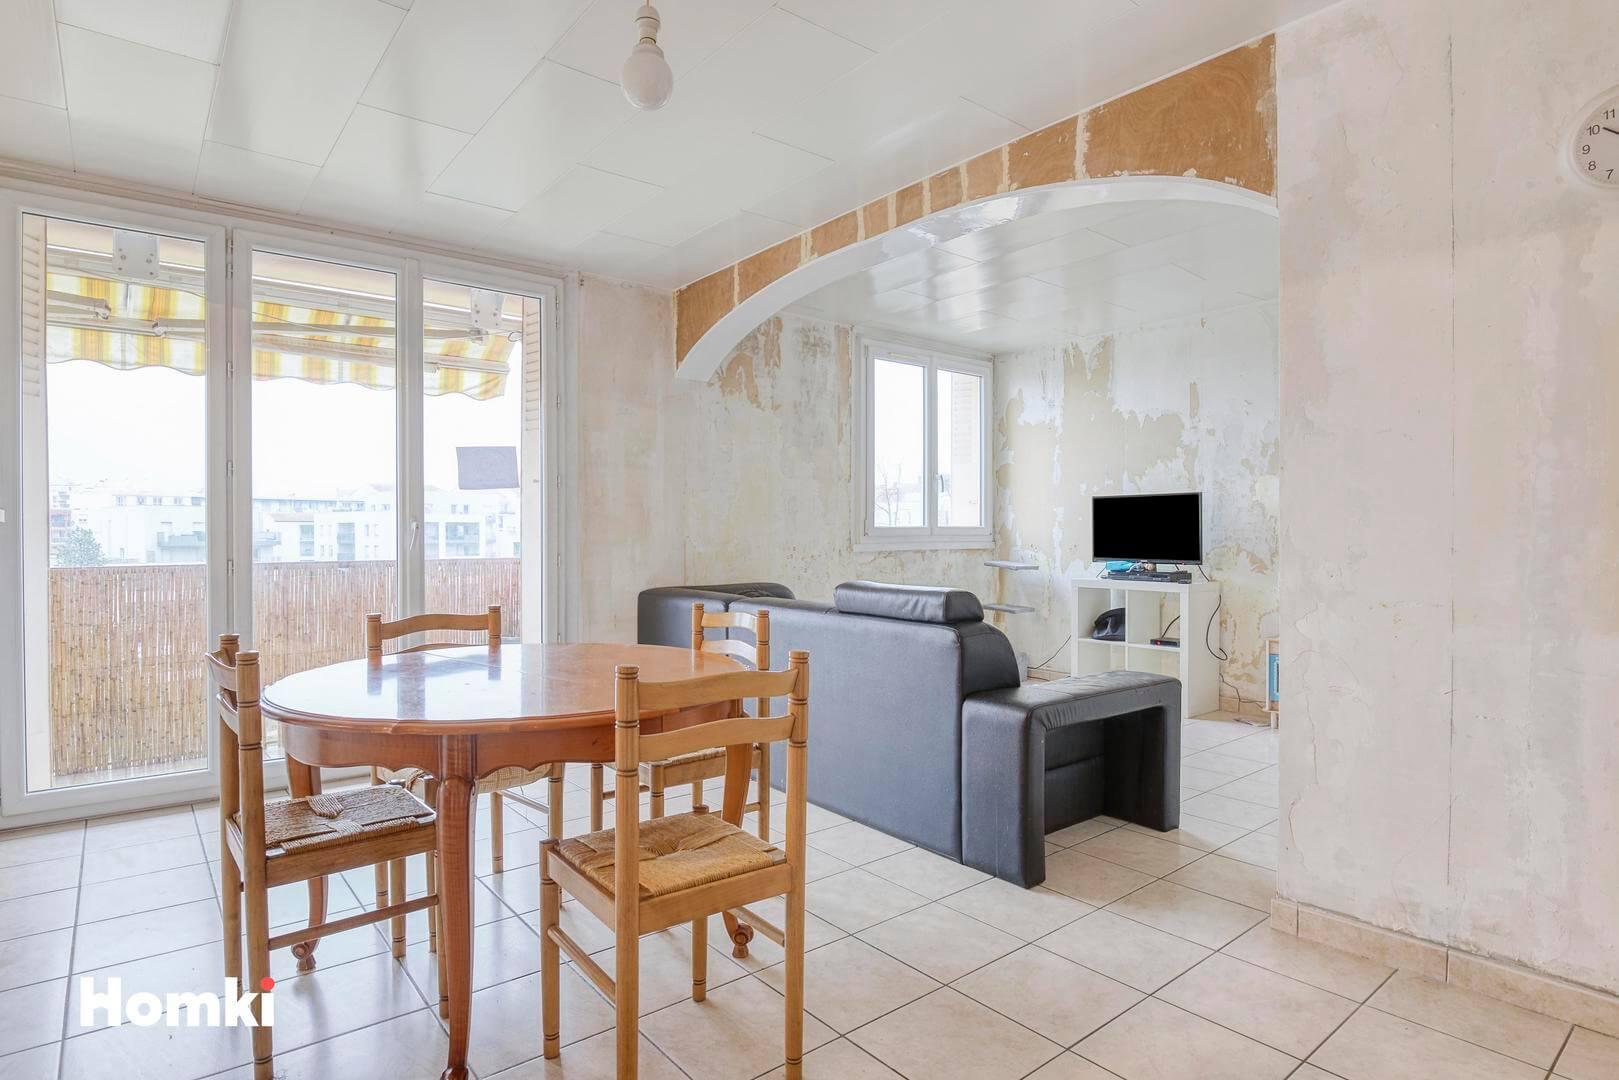 Homki - Vente Appartement  de 83.0 m² à Villeurbanne 69100